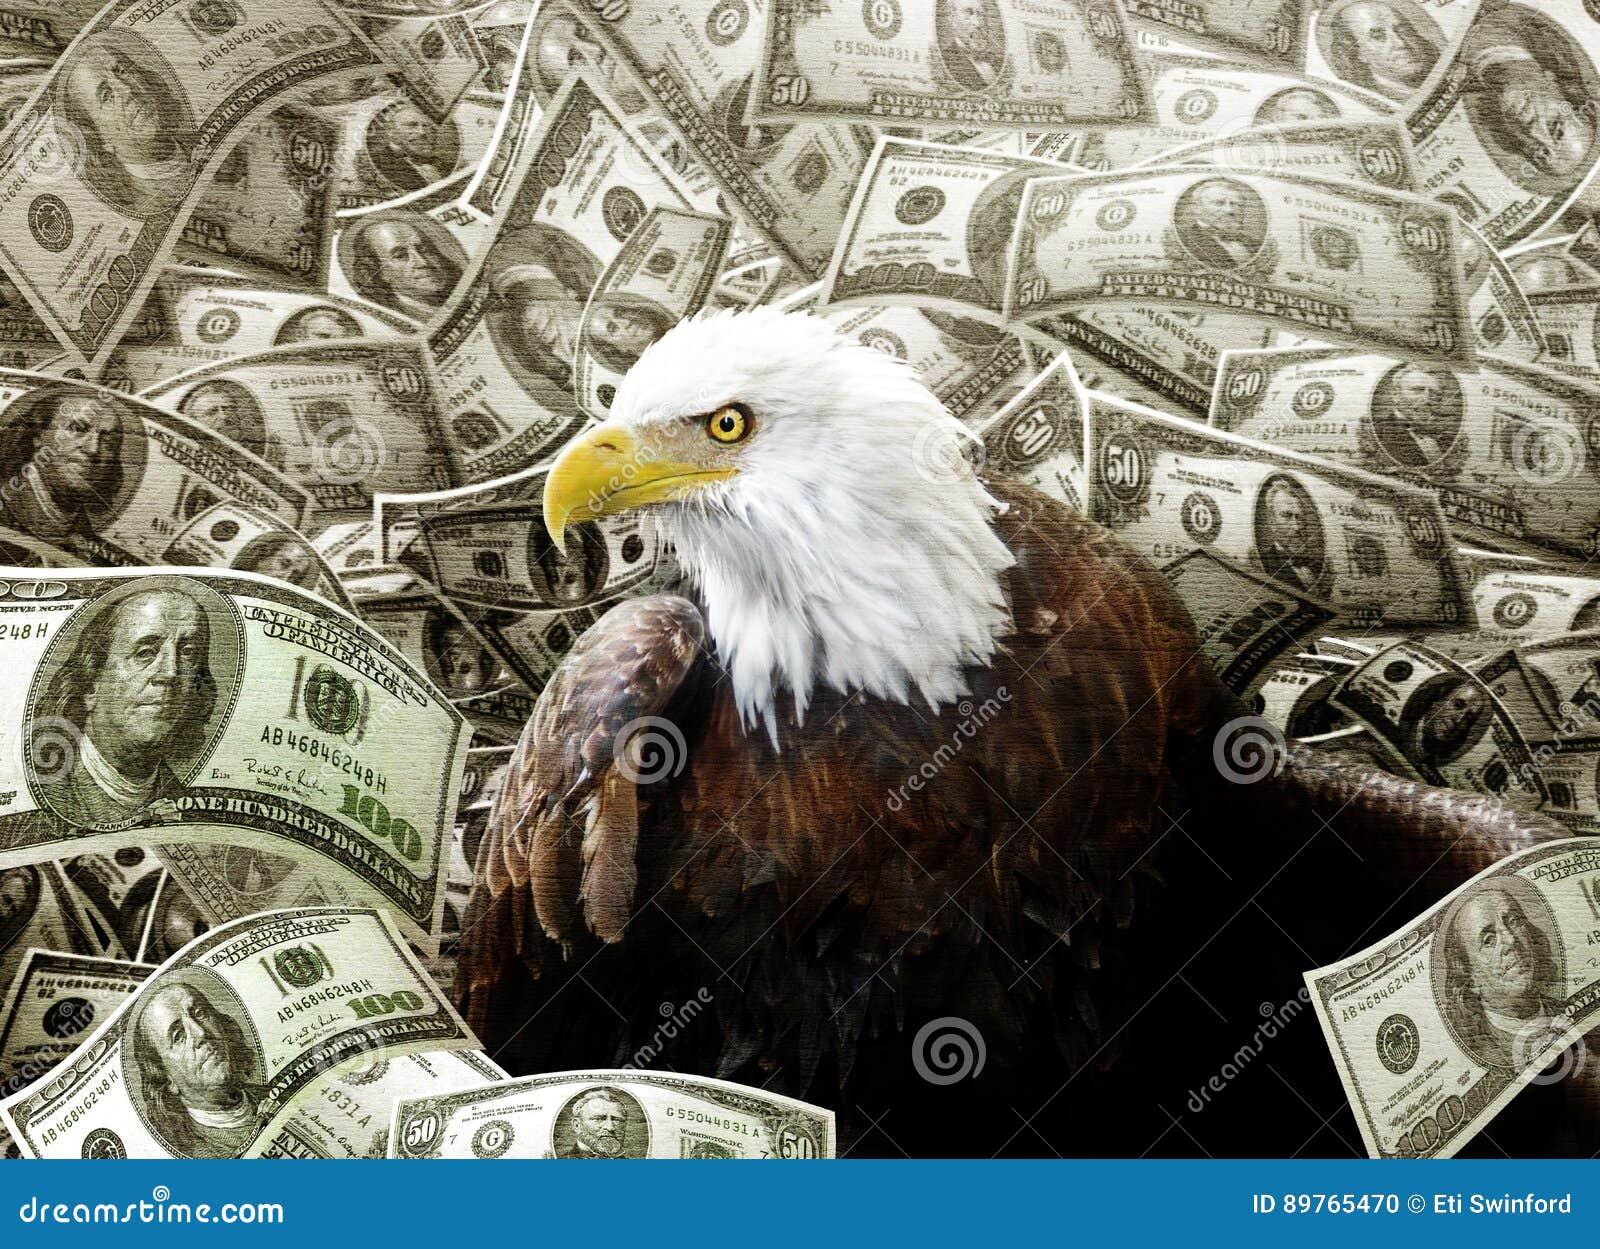 Łysy Eagle w pieniądze